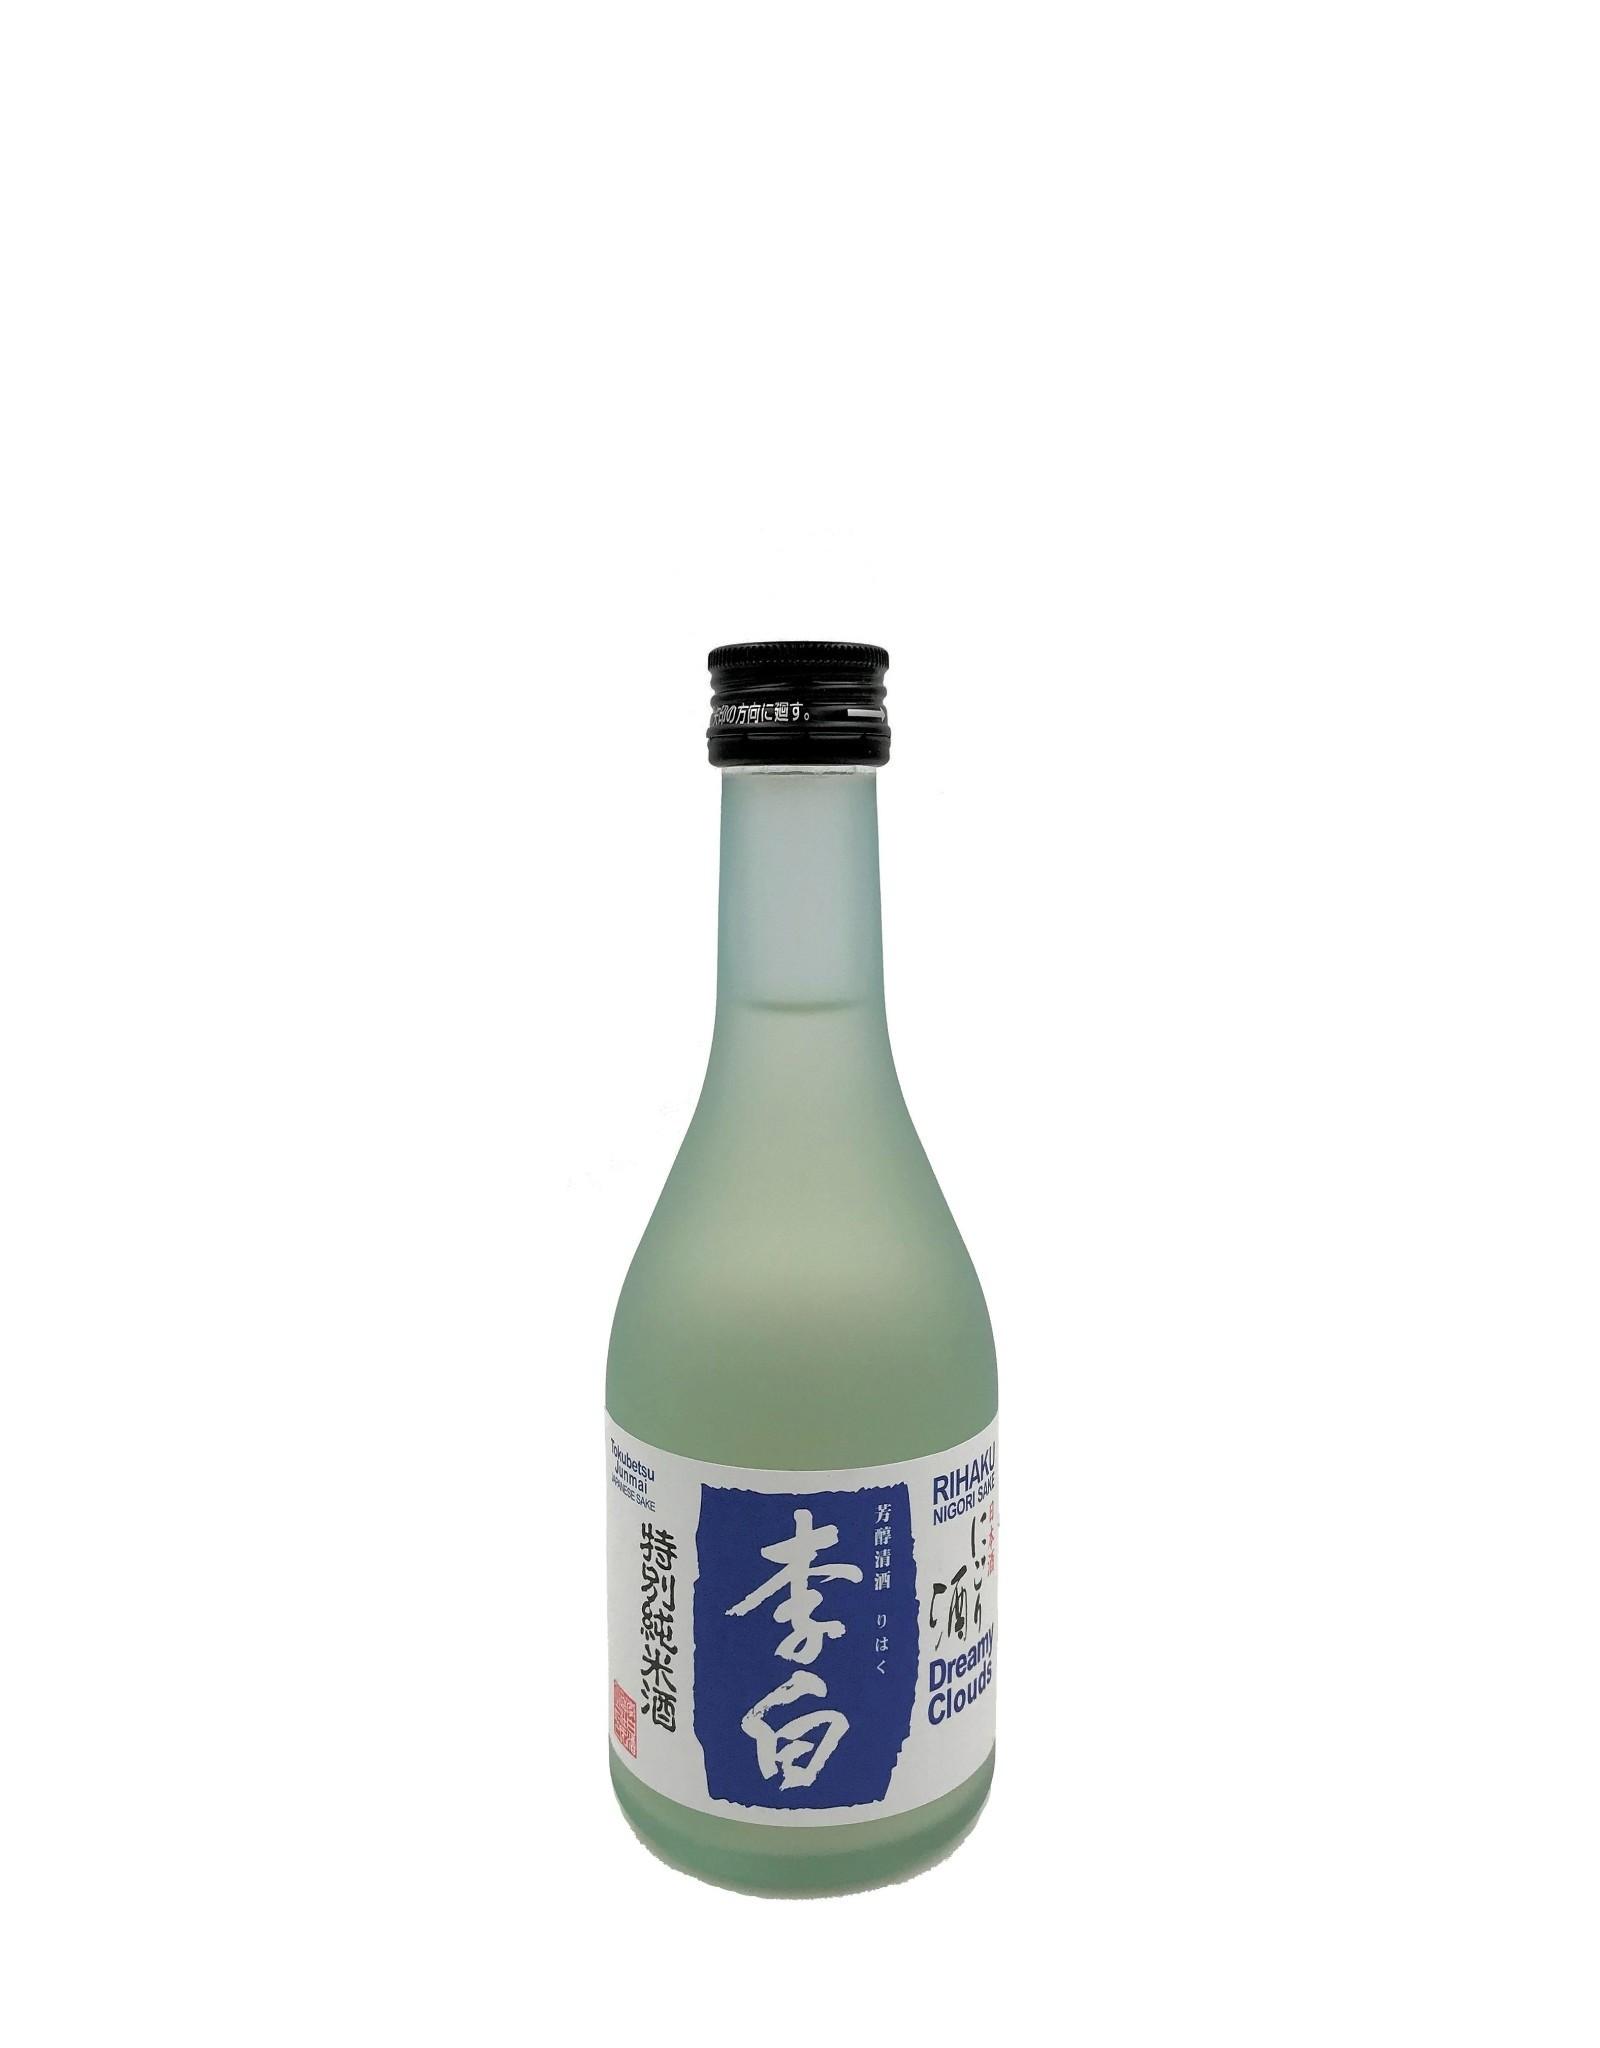 Rihaku Rihaku Tokubetsu Dreamy Clouds Junmai Nigori Sake 300ml